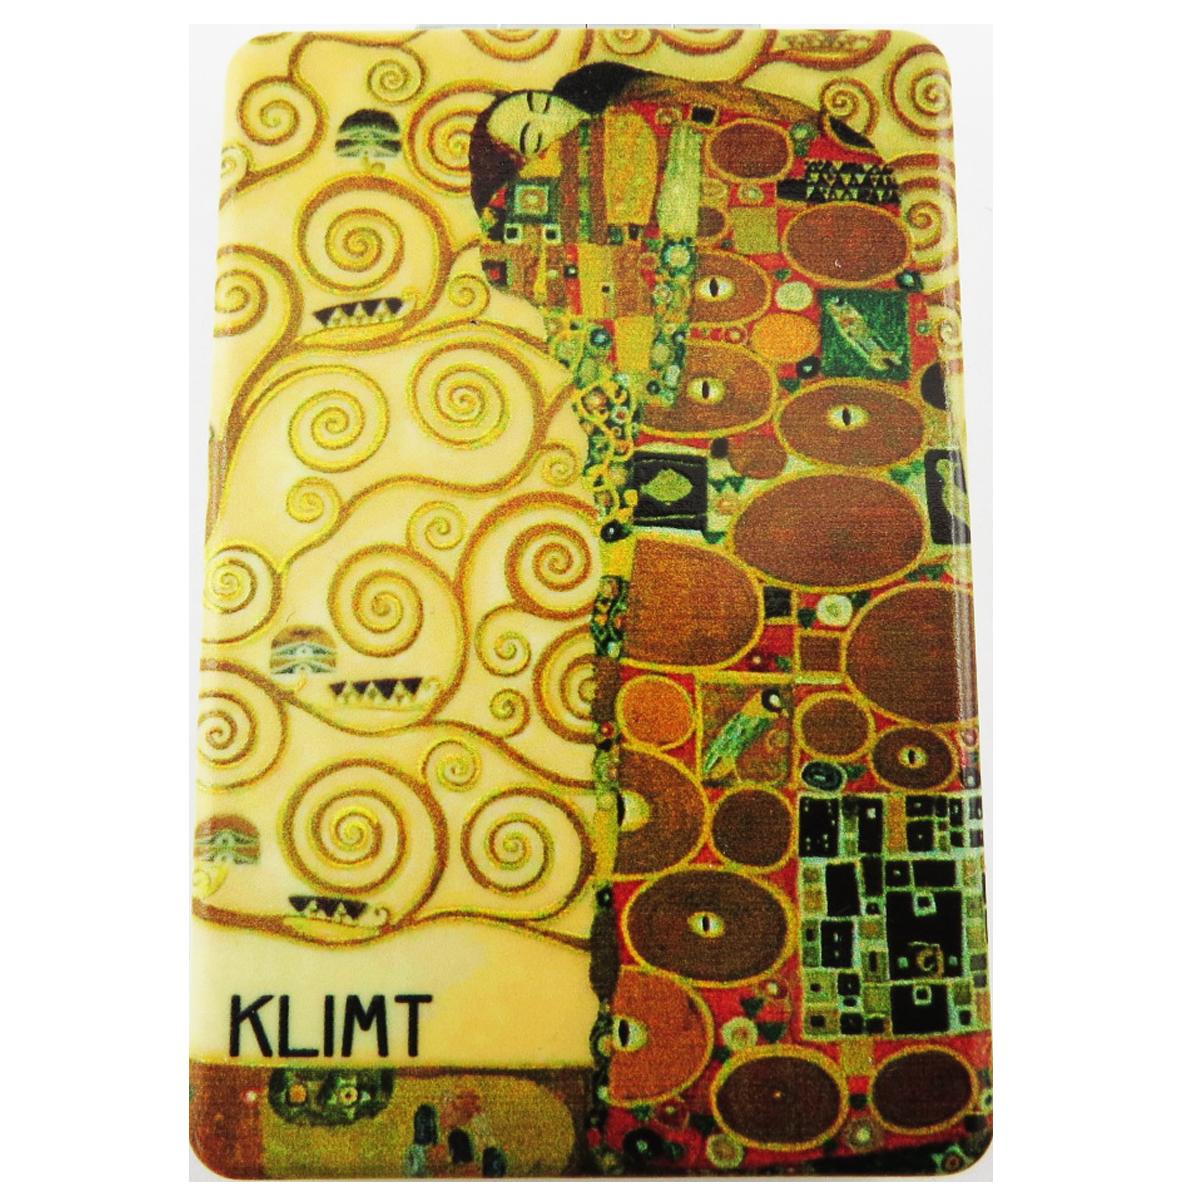 Miroir de poche \'Klimt\' jaune marron (Arbre de vie) - 85x55 cm - [R1894]